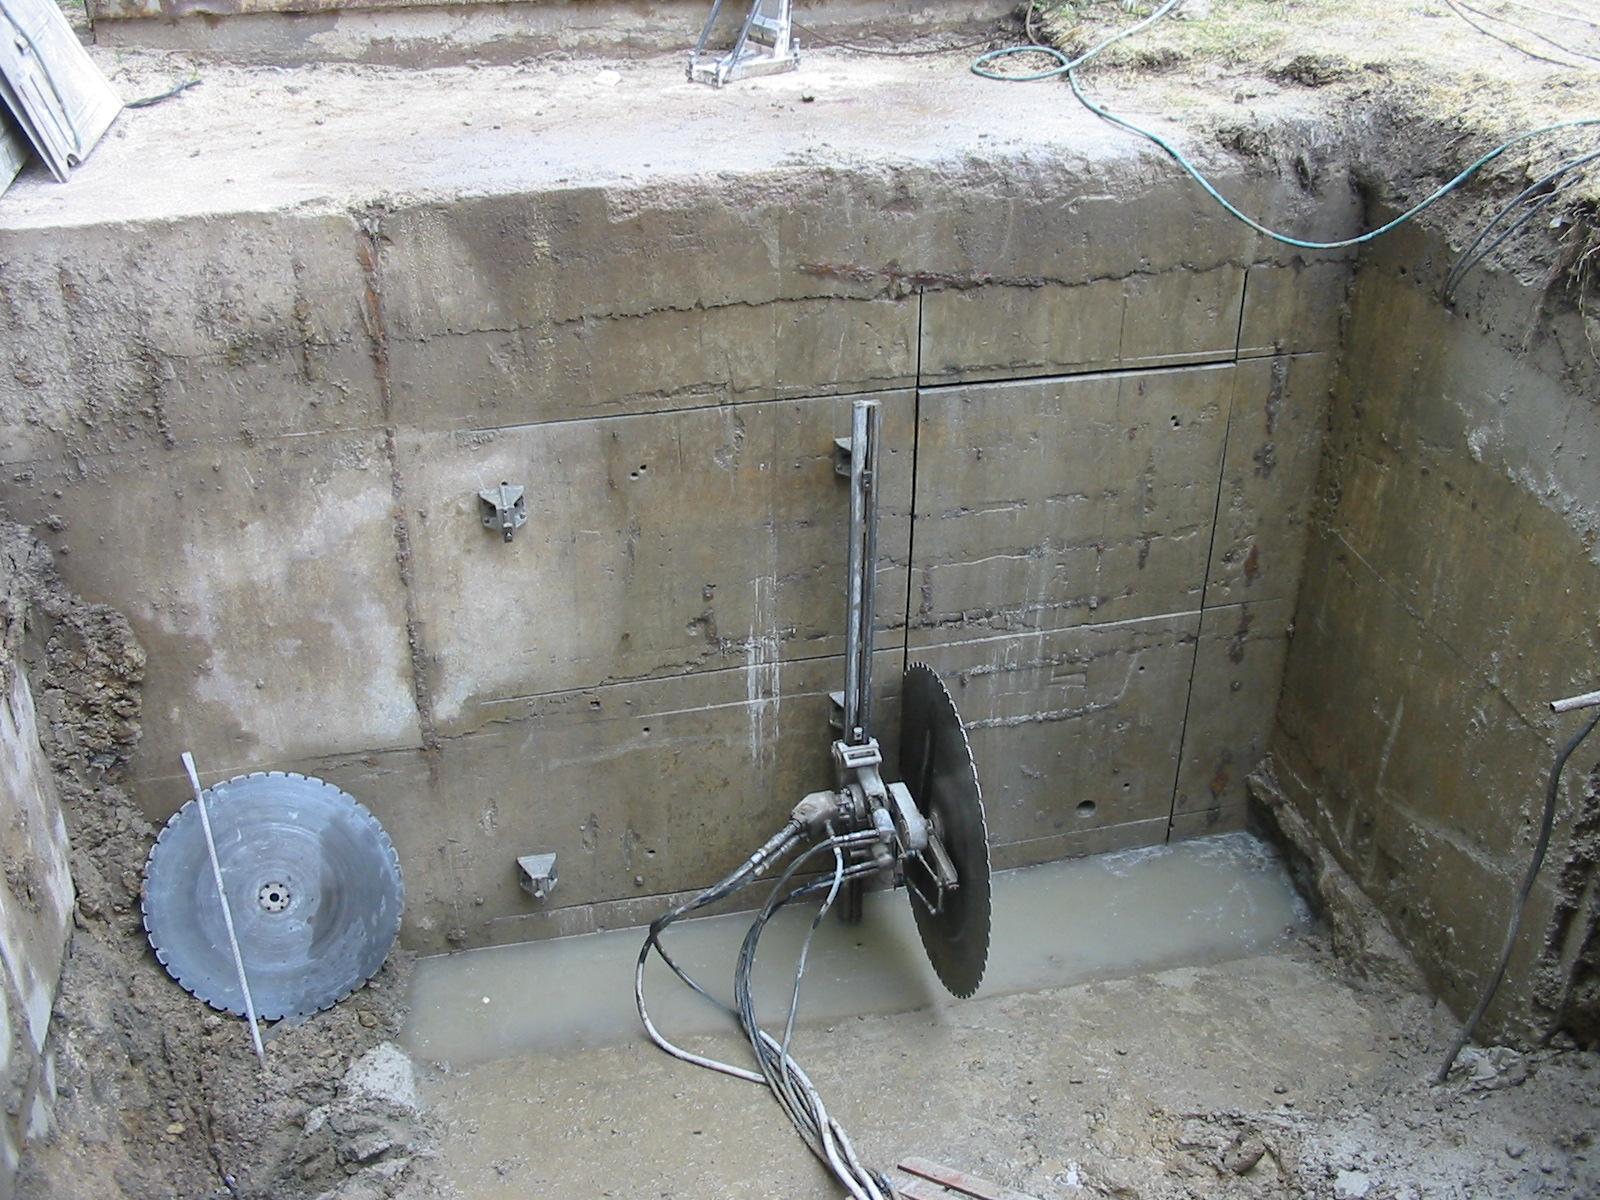 Vrtání a řezání betonu diamantovými nástroji